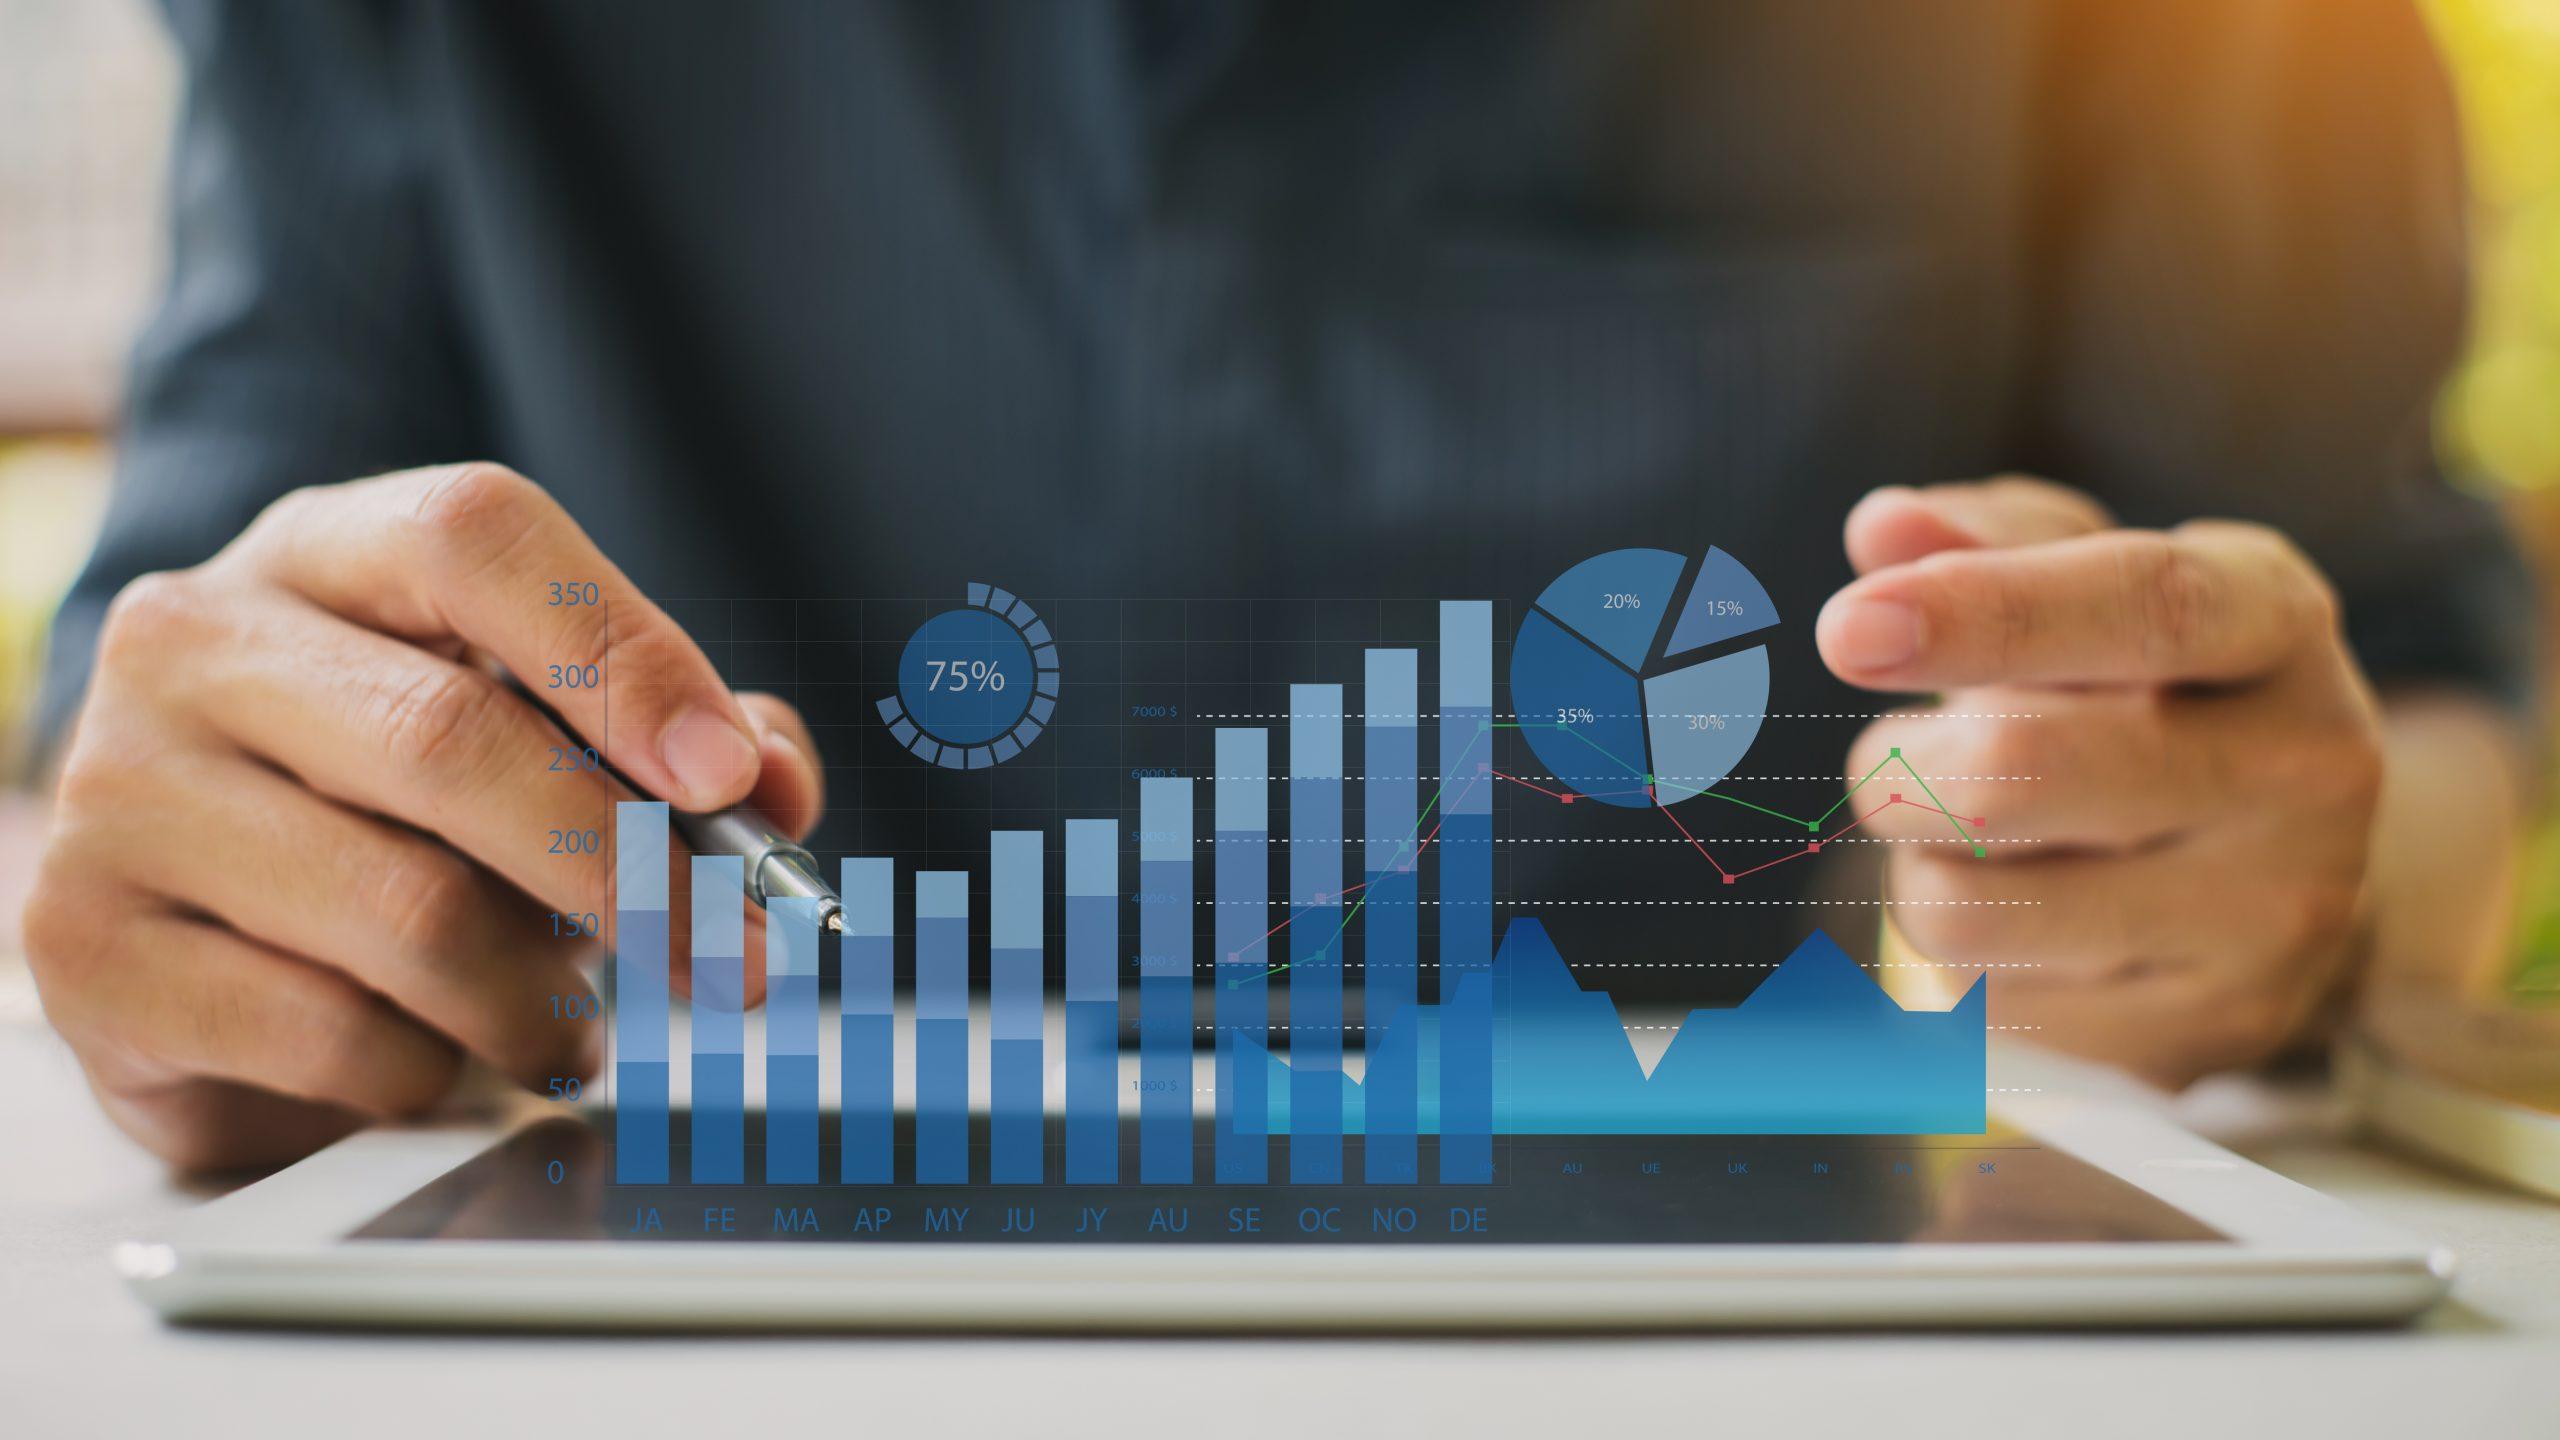 Prezentare grafic evoluție financiară